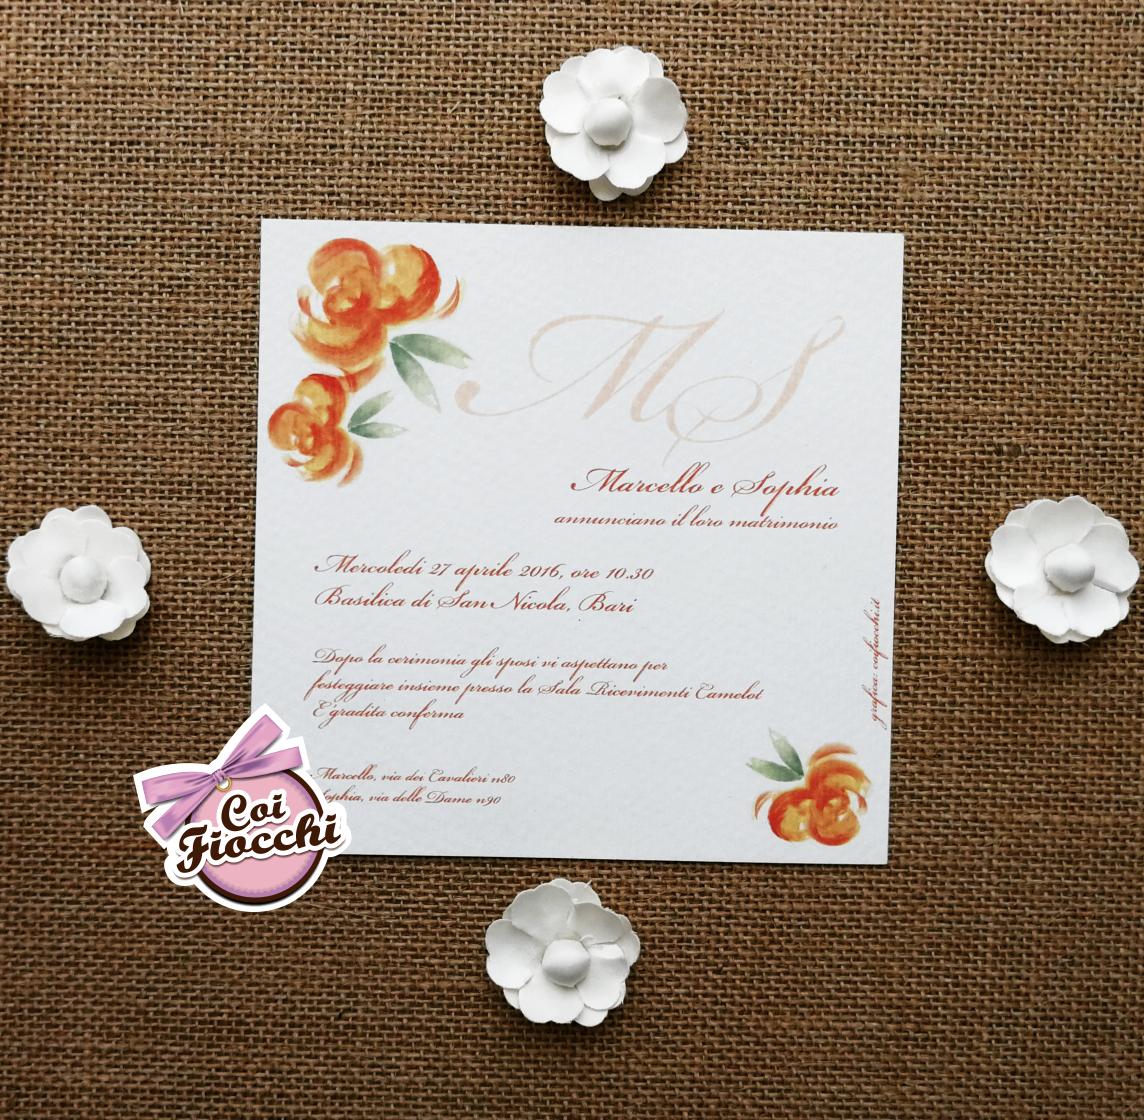 Partecipazione-boho-chic-fiori-acquerello-in promozione